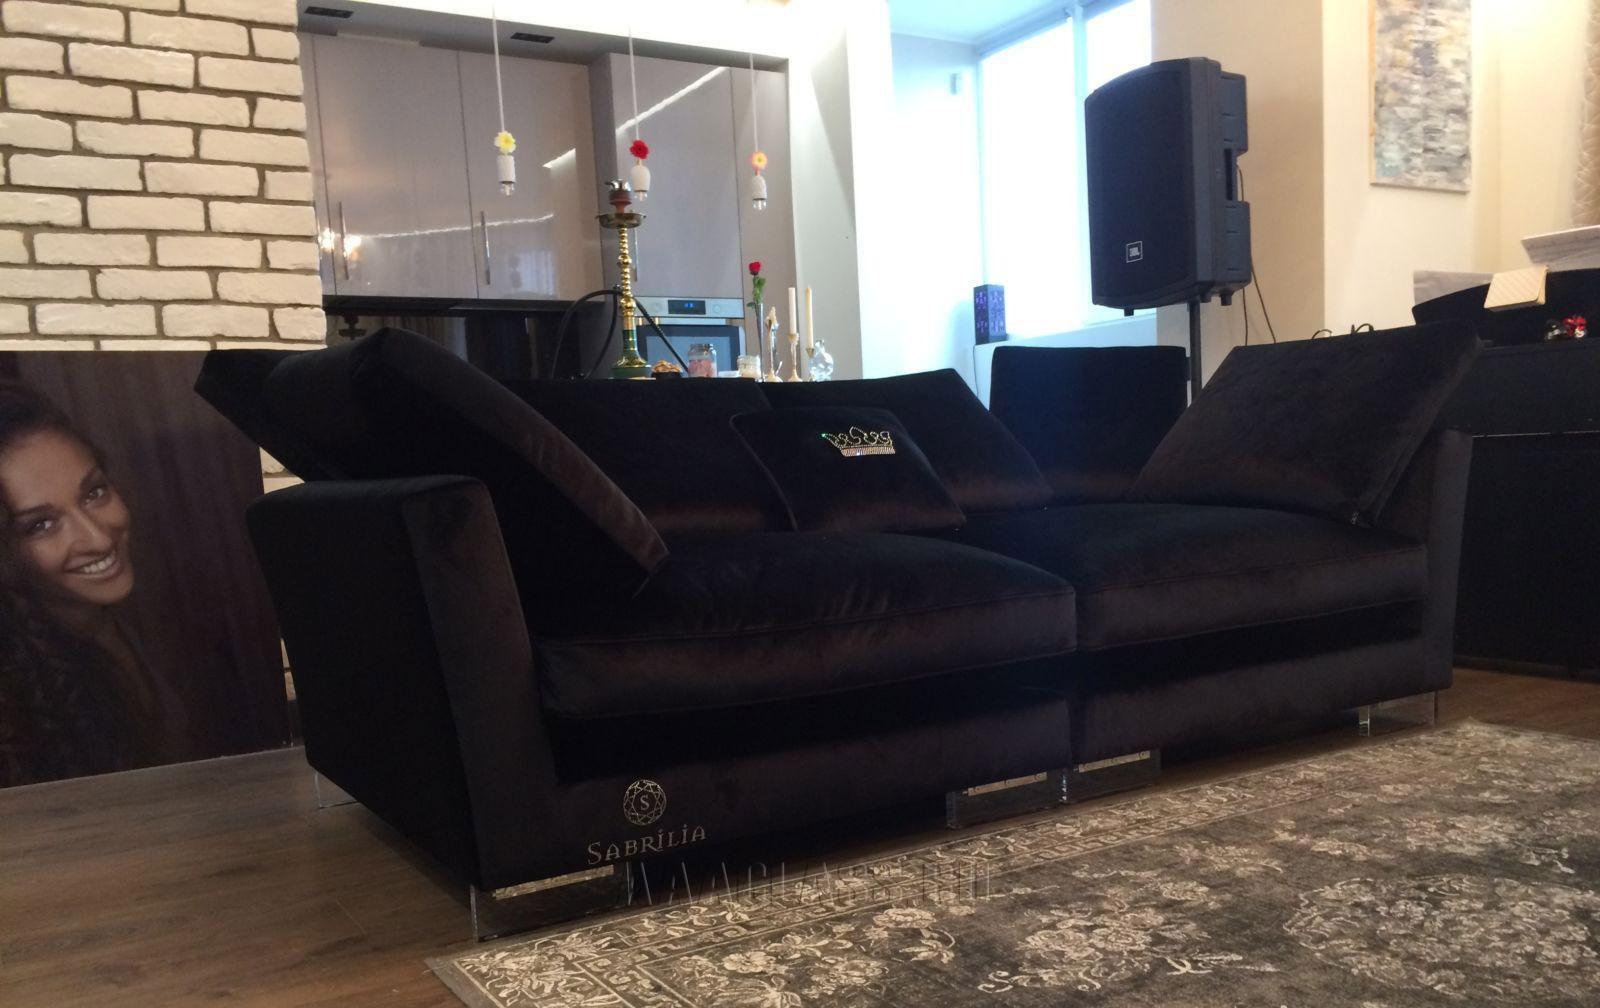 дизайнерские диваны российского производства, диван ника на прозрачных опорах